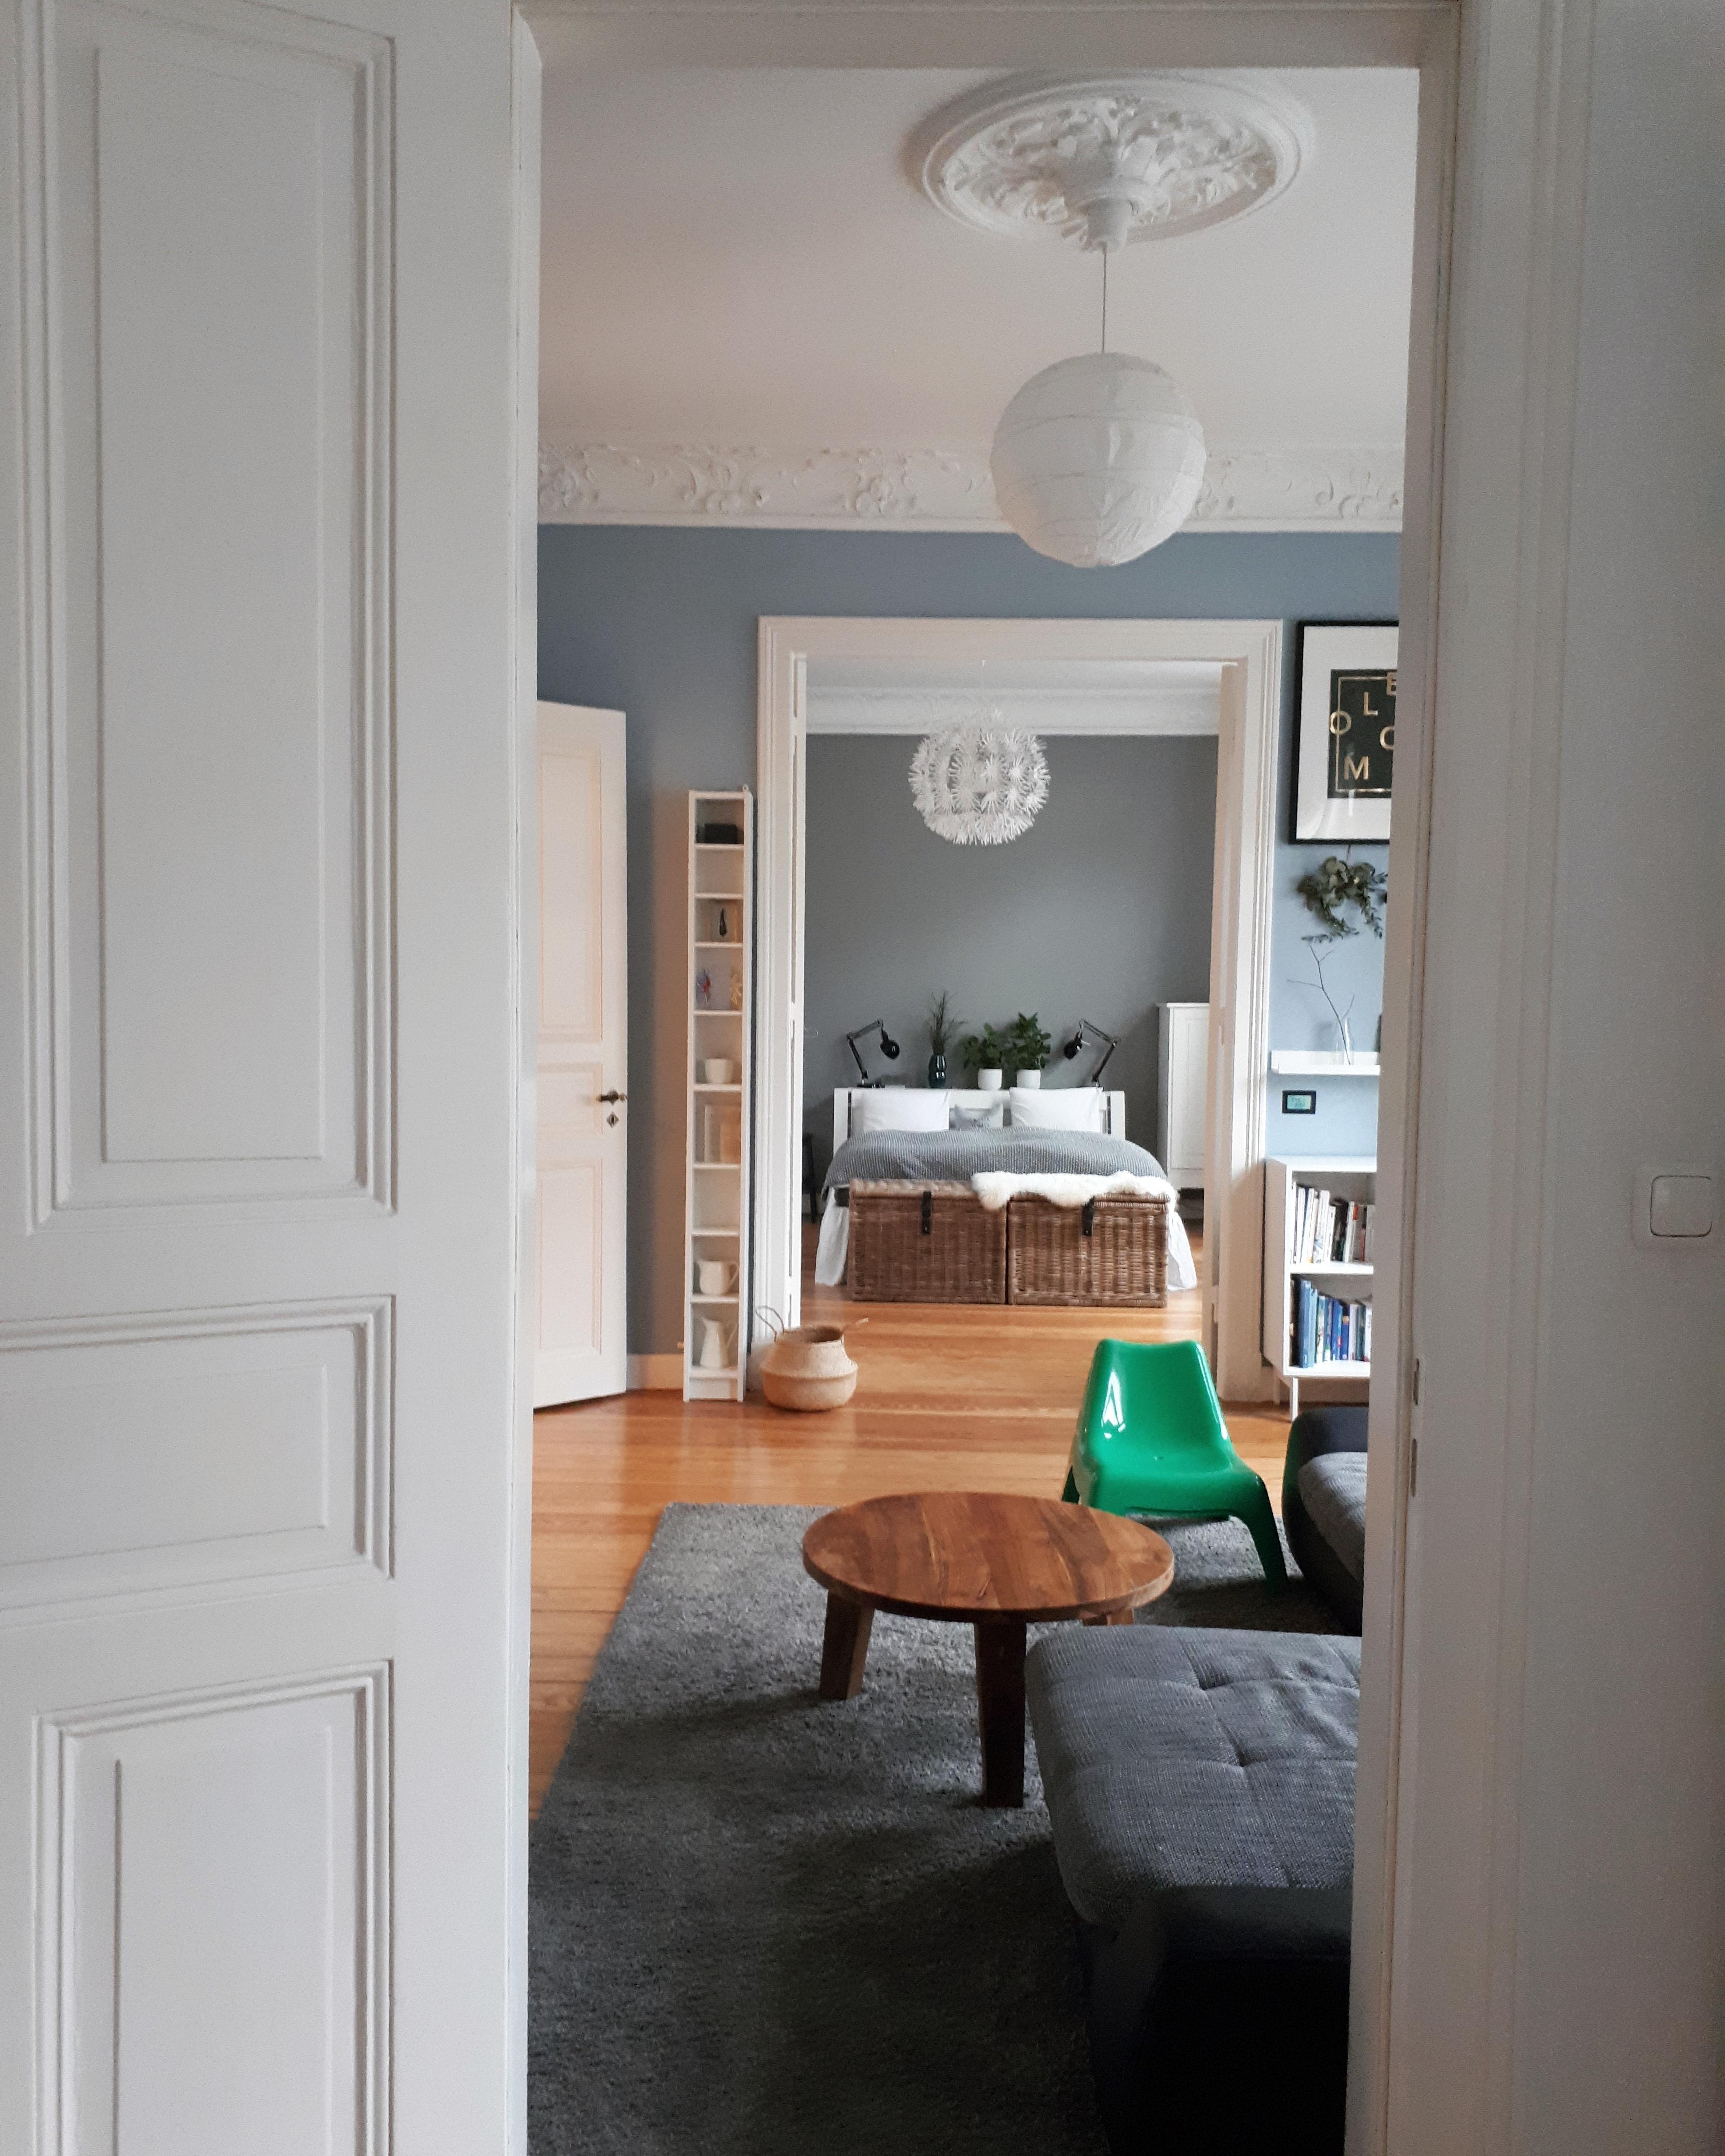 #durchblick #altbau #wohnzimmer #schlafzimmer #stuck #flügeltür #rosette